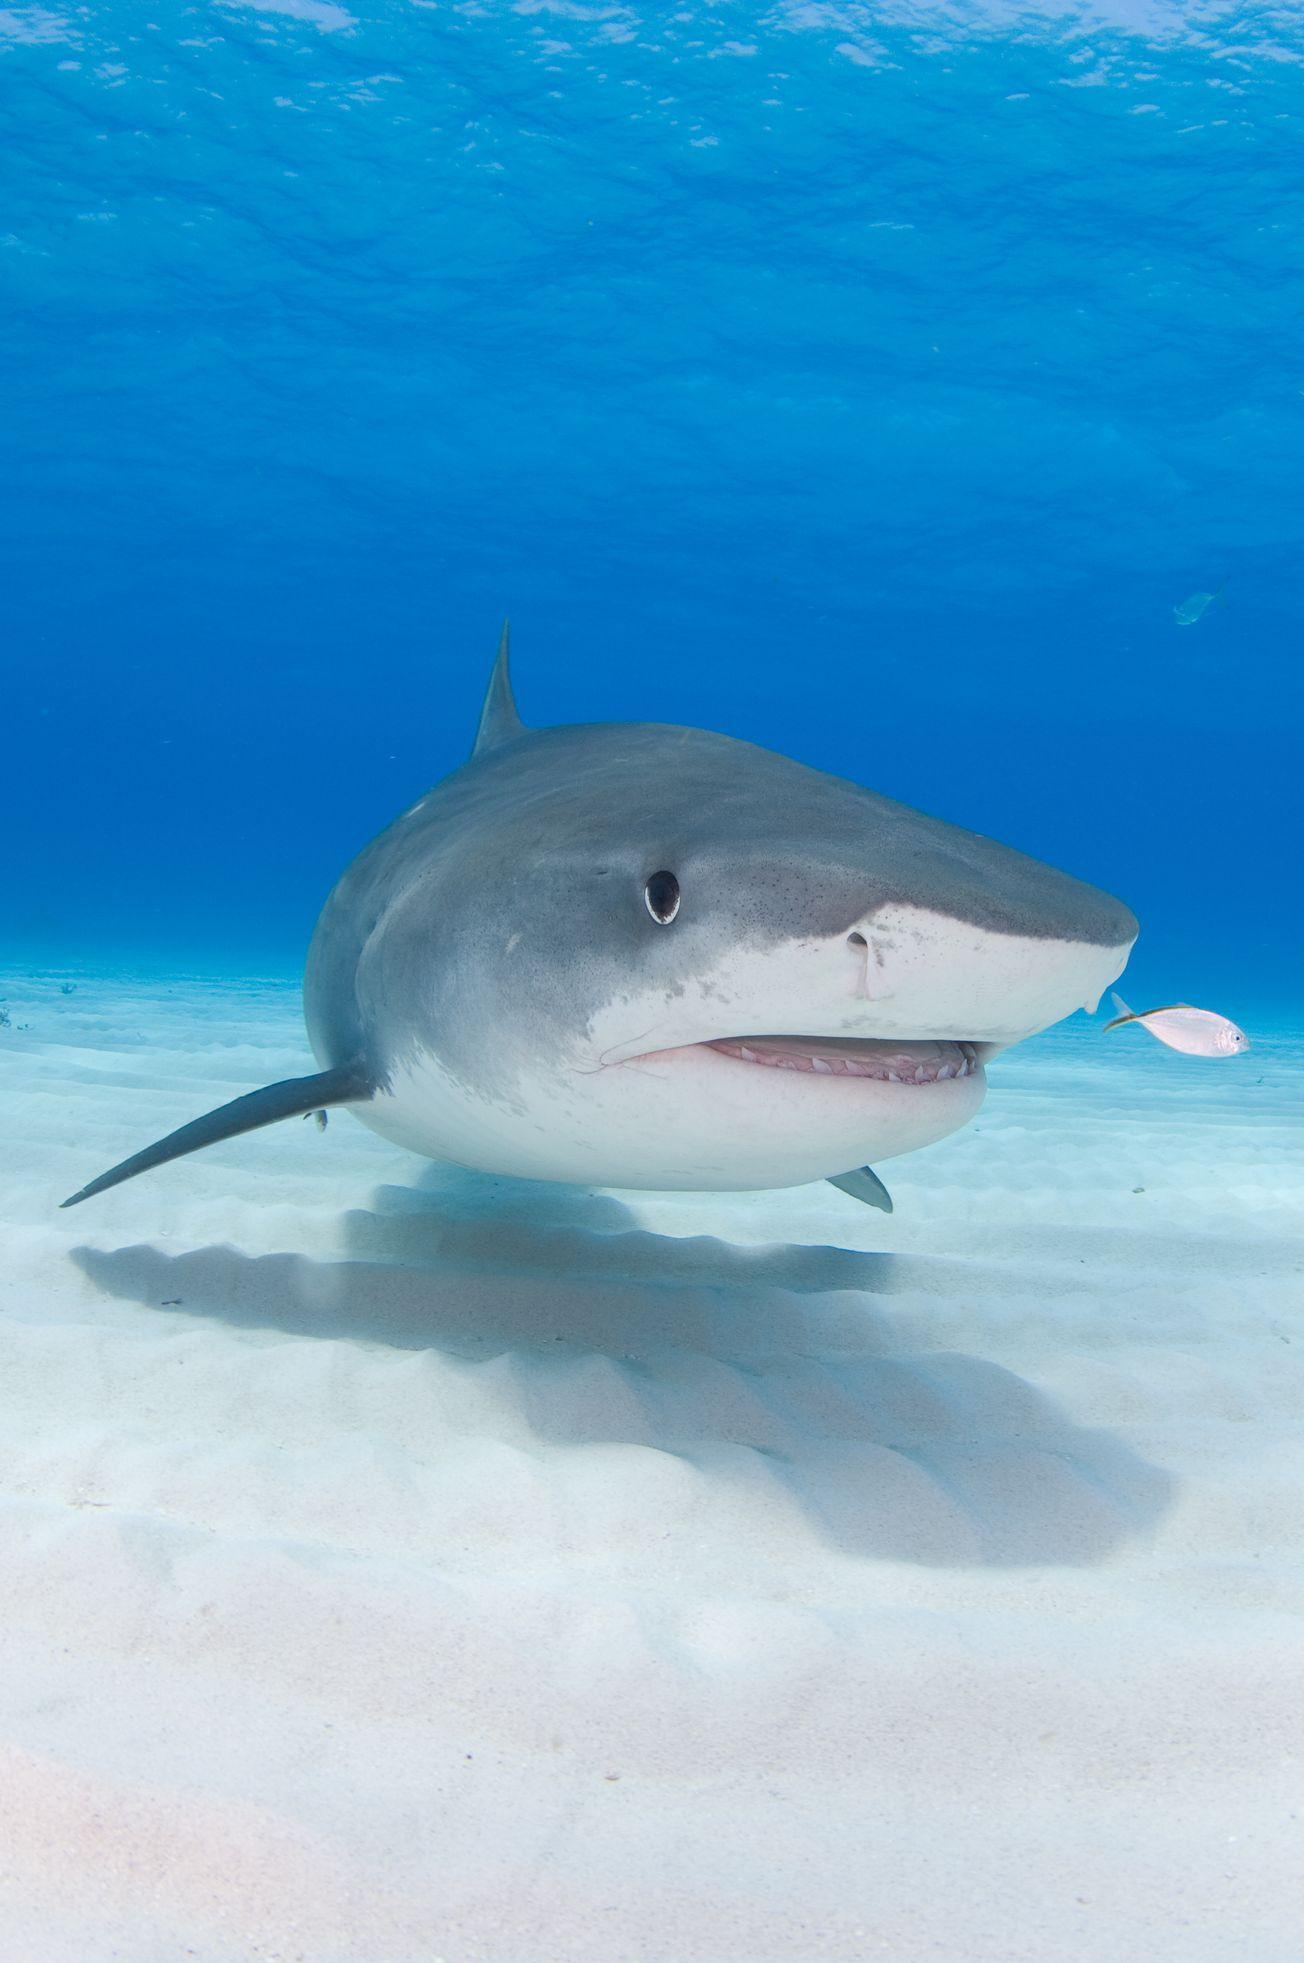 Žralok v Egyptě zabil německého turistu - Aktuálně.cz